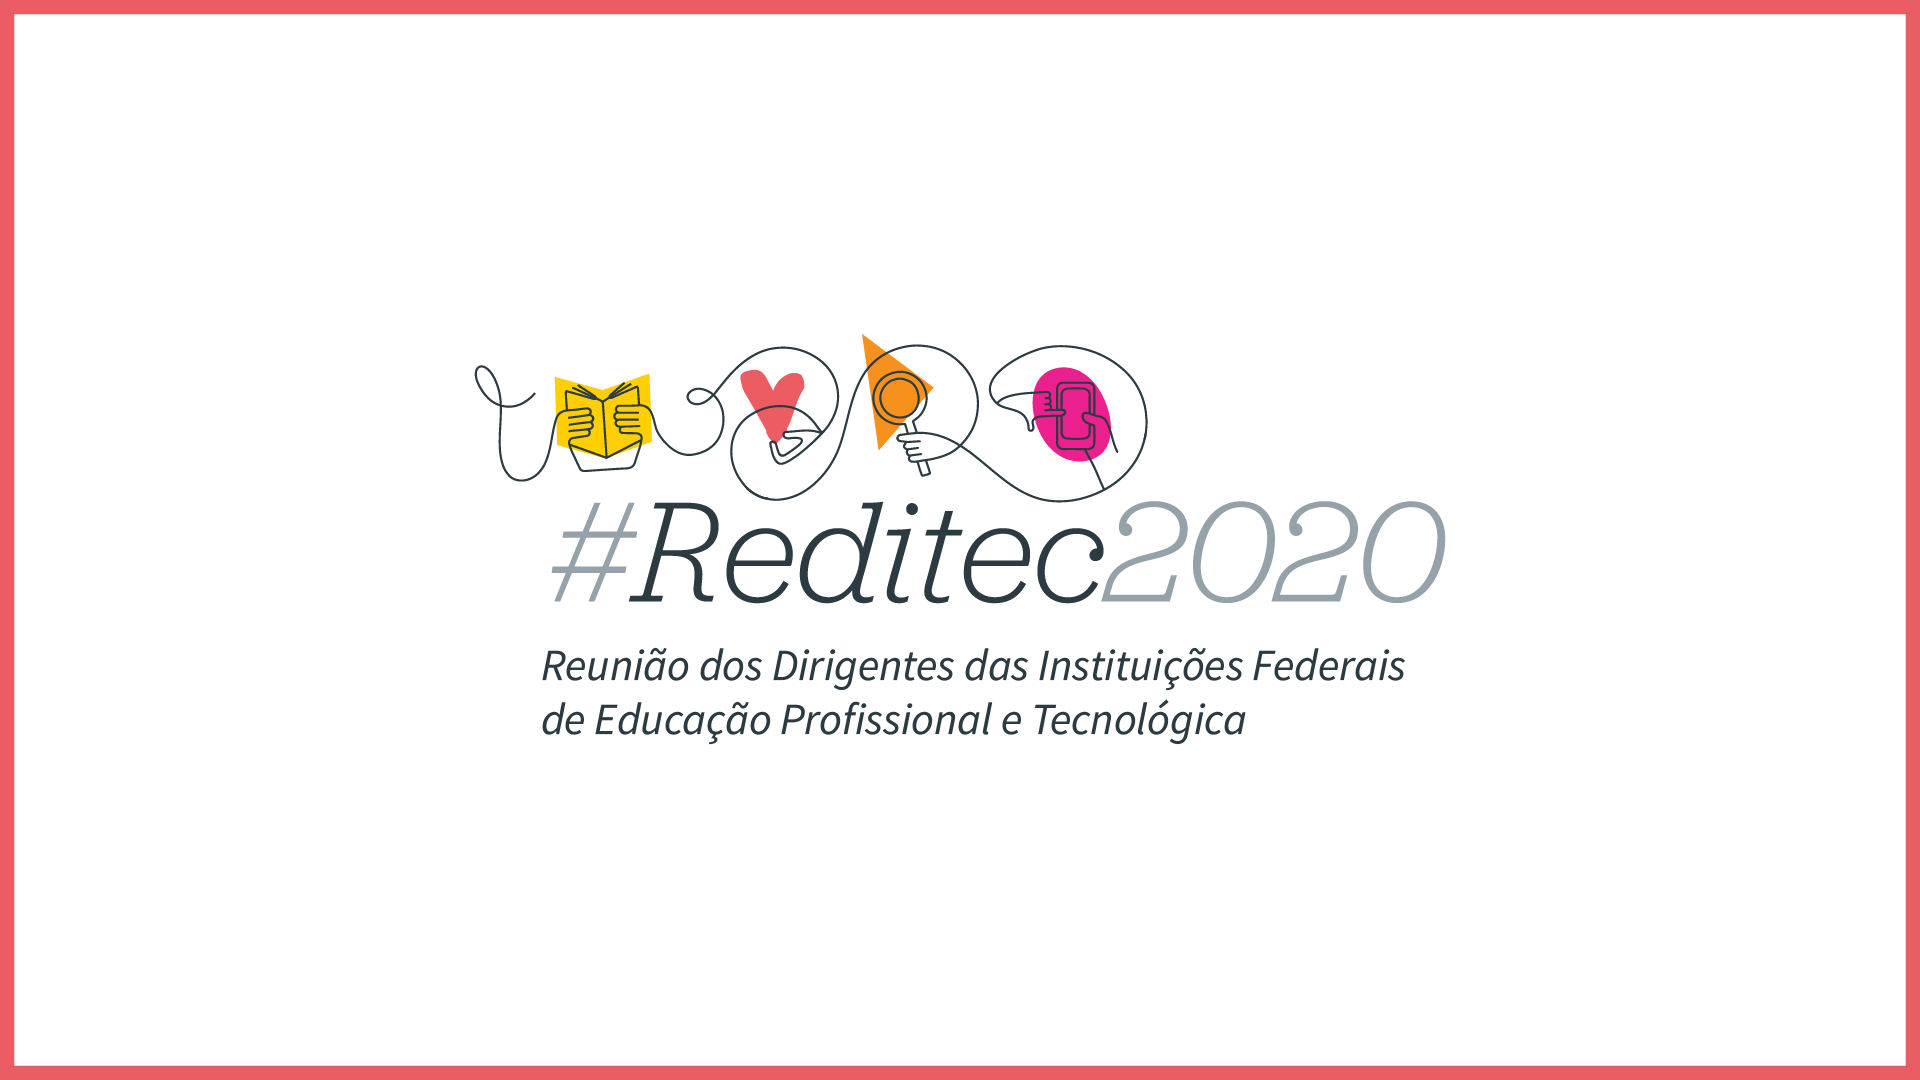 44ª Reunião Anual dos Dirigentes das Instituições Federais de Educação Profissional e Tecnológica (Reditec 2020)